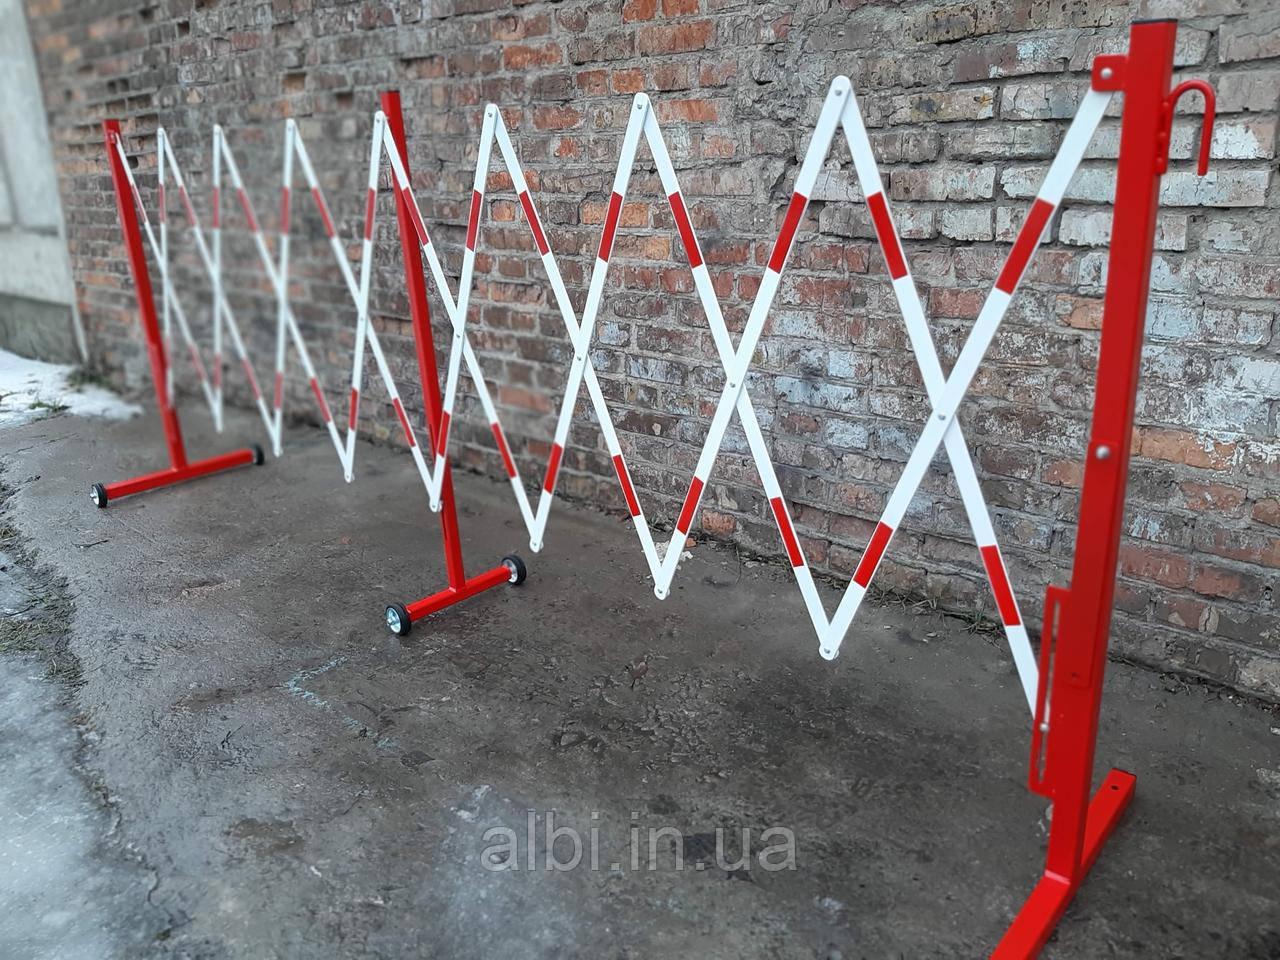 Раздвижное ограждение на четырех колесах 1,2х5,5